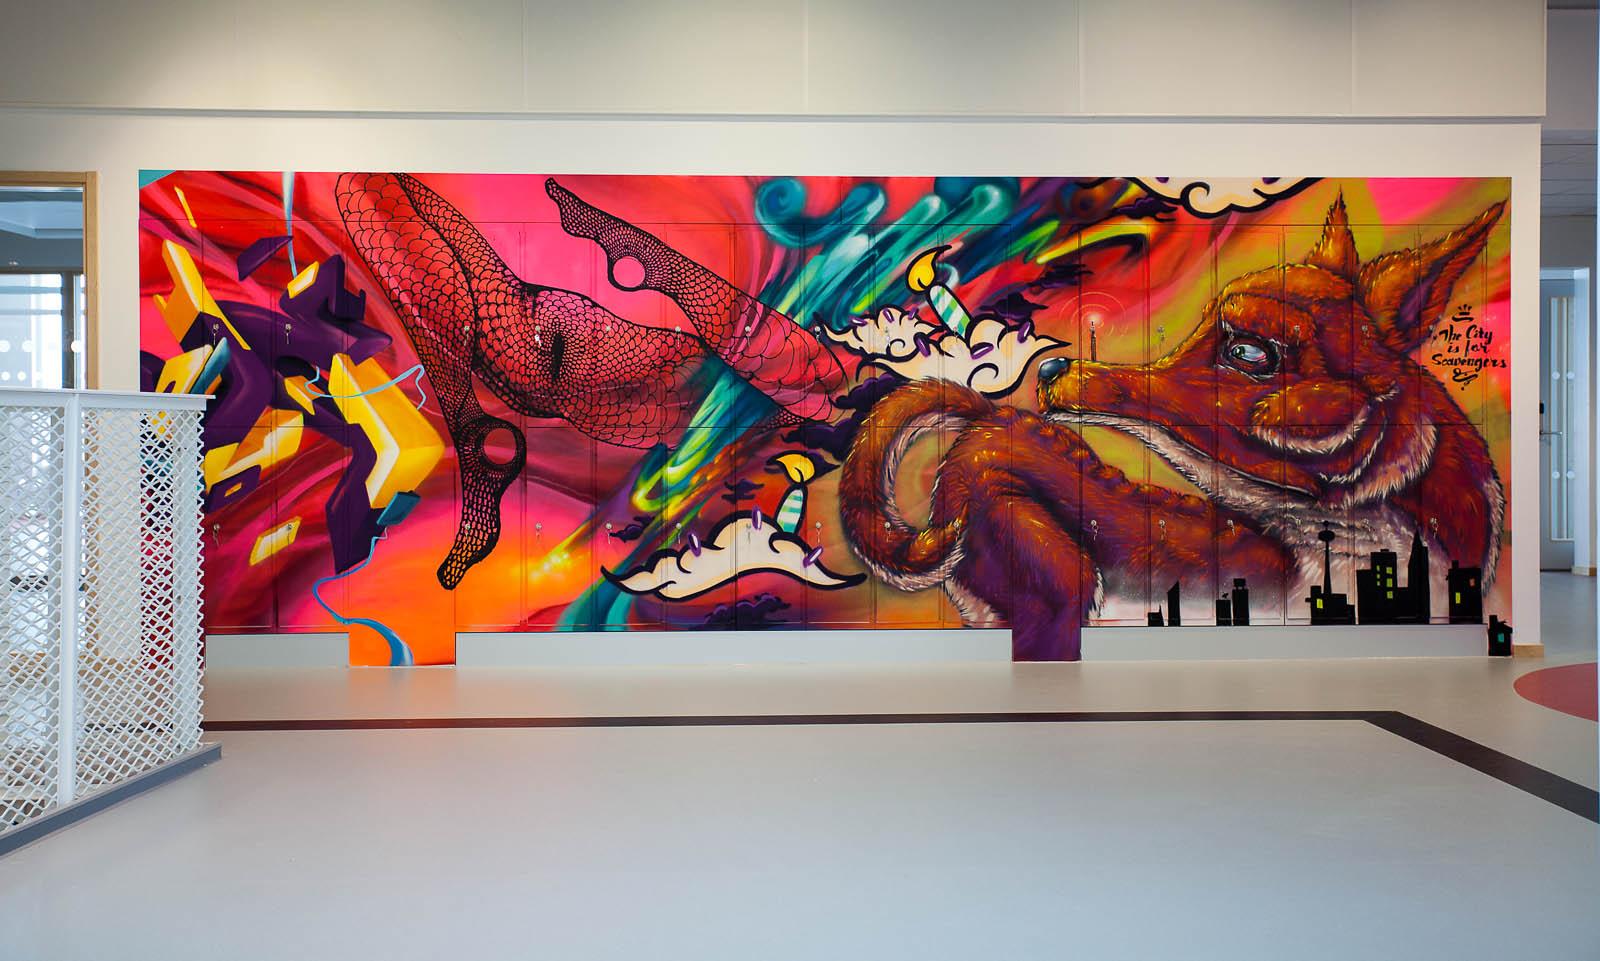 Rosaröd väggmålning med bl.a. en räv, en stadssiluett och ett par kvinnoben i nätstrumpbyxor. Pärra Andreasson, Vad Vi Vill, (2013).